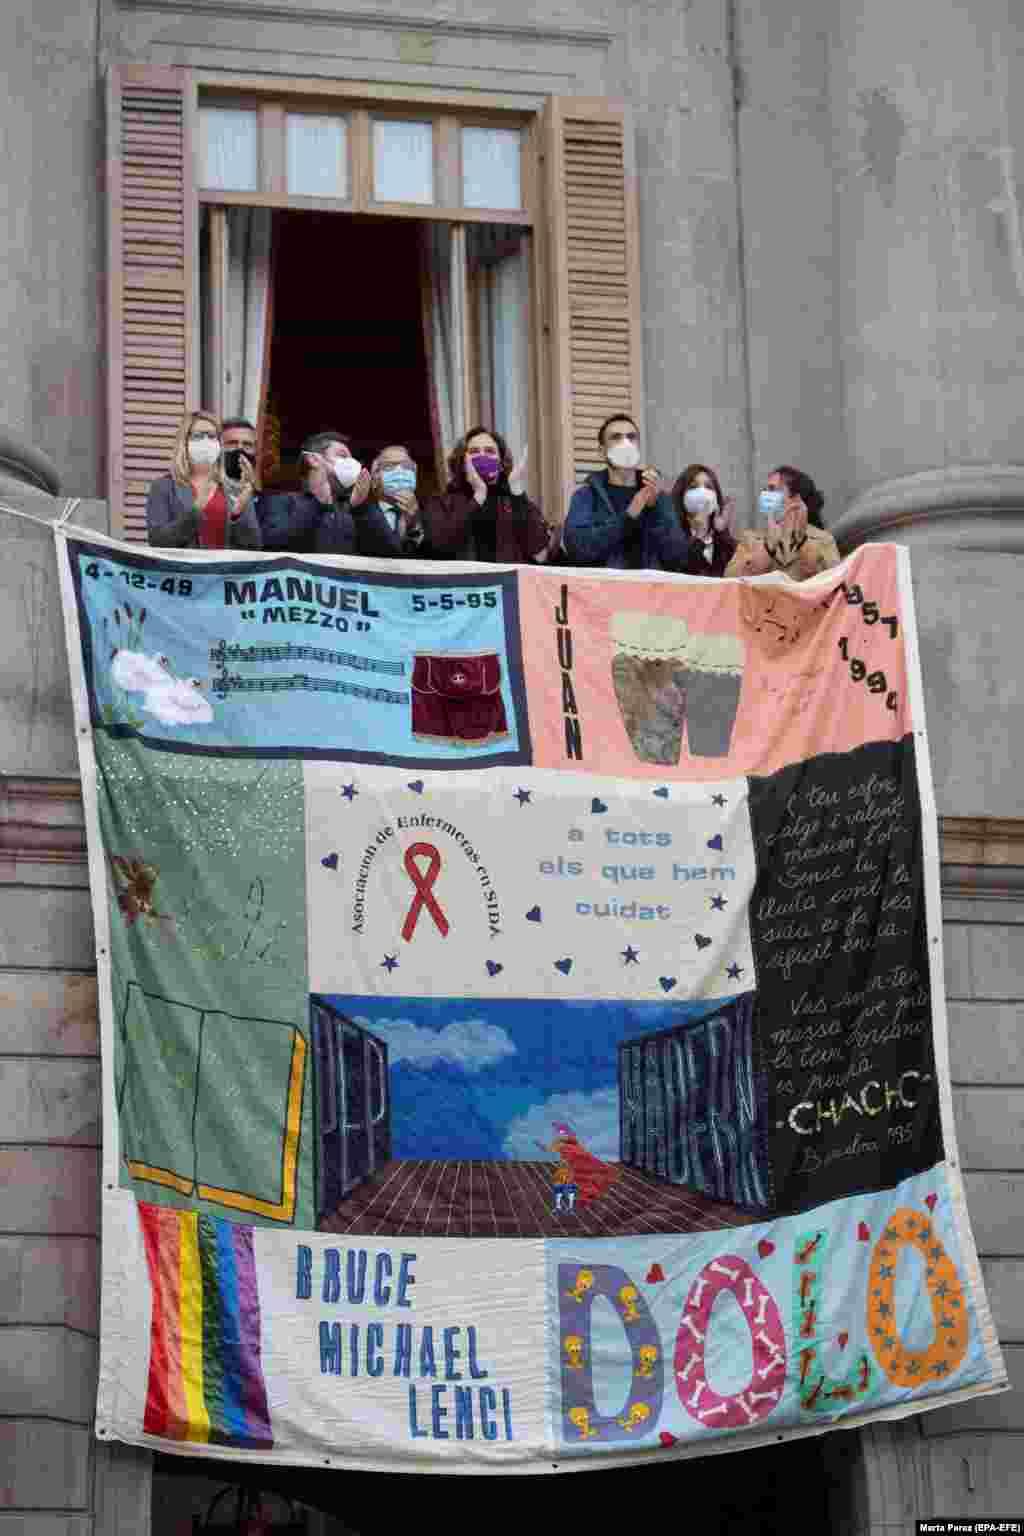 Spanyolország - Barcelona polgármestere néhány helyi tisztviselővel közösen helyezte el a katalán kormány épülethomlokzatán ezt az óriásplakátot, amelyre AIDS-áldozatok nevét írták fel.